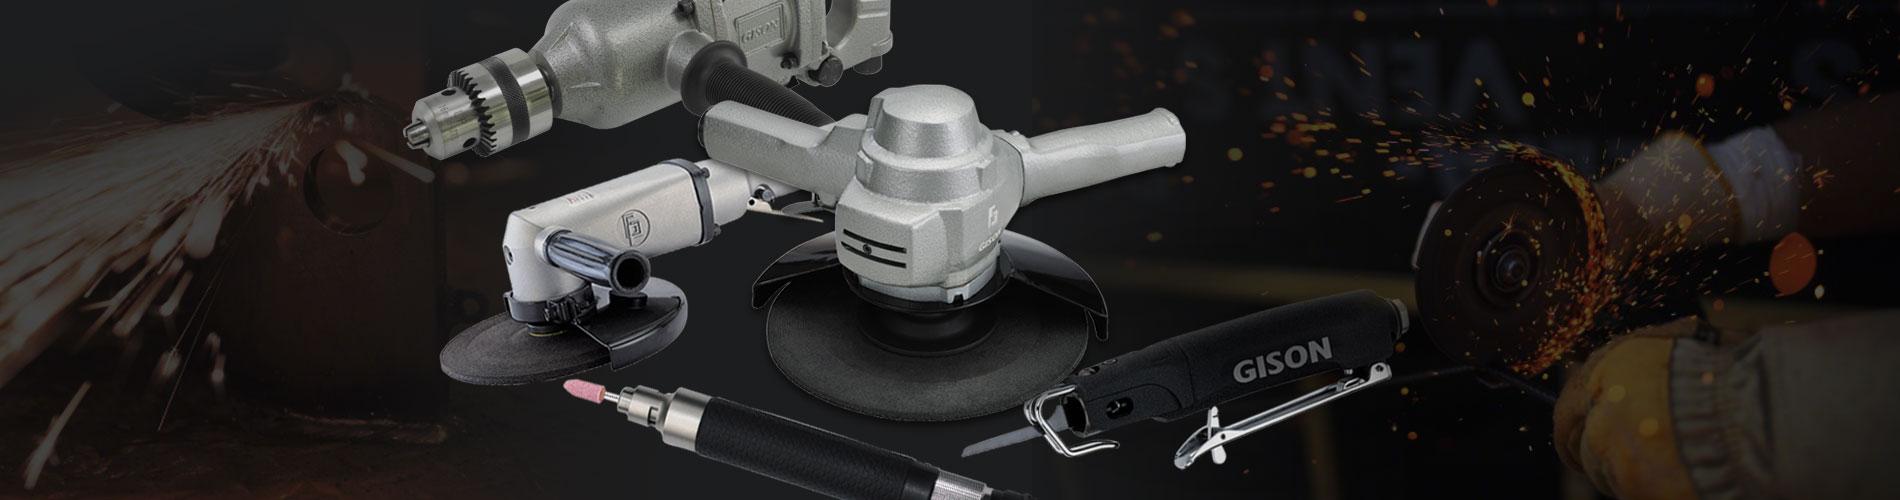 金属加工风动工具, 气动工具 应用于砂轮与 金属切割及钻孔